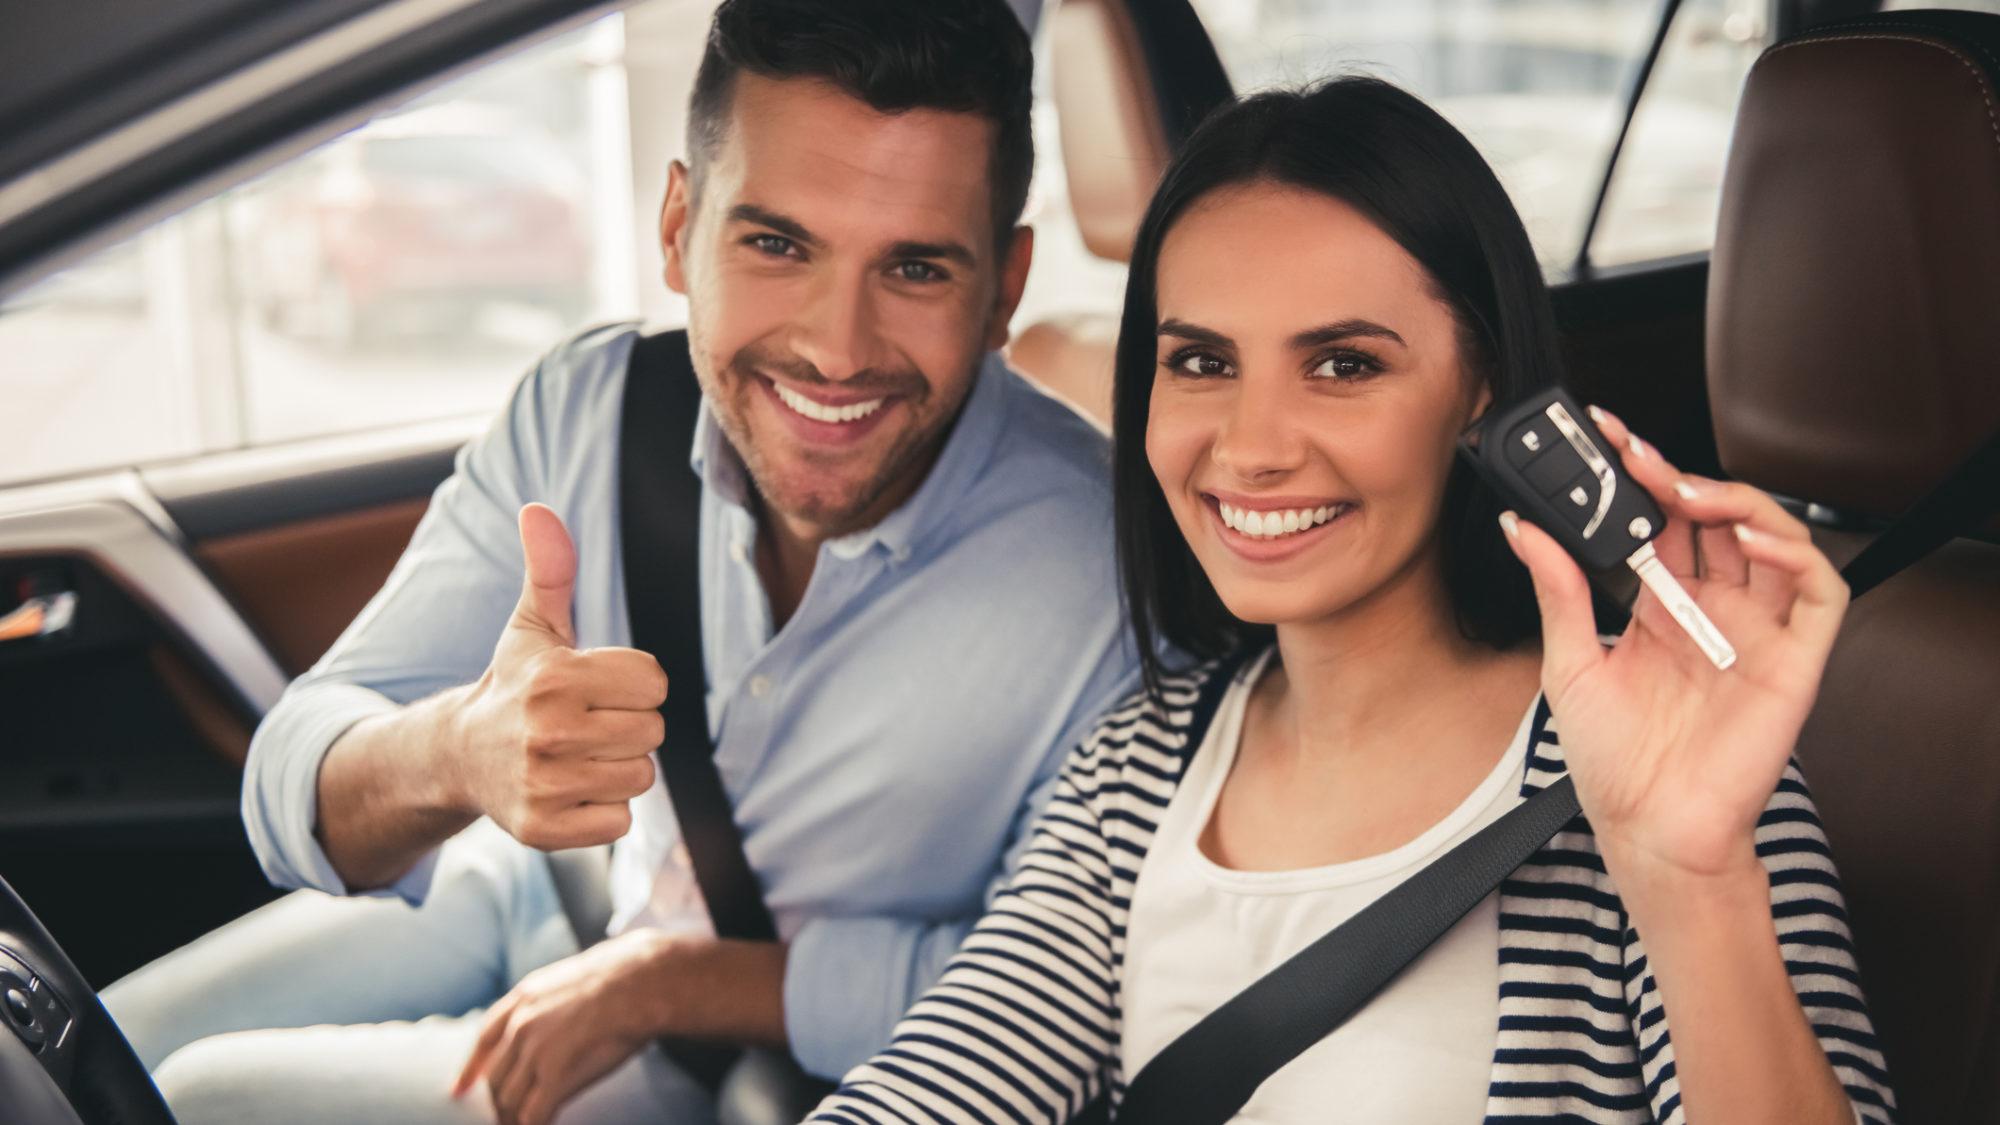 Escolher o modelo básico de um Automóvel é uma escolha acertada?